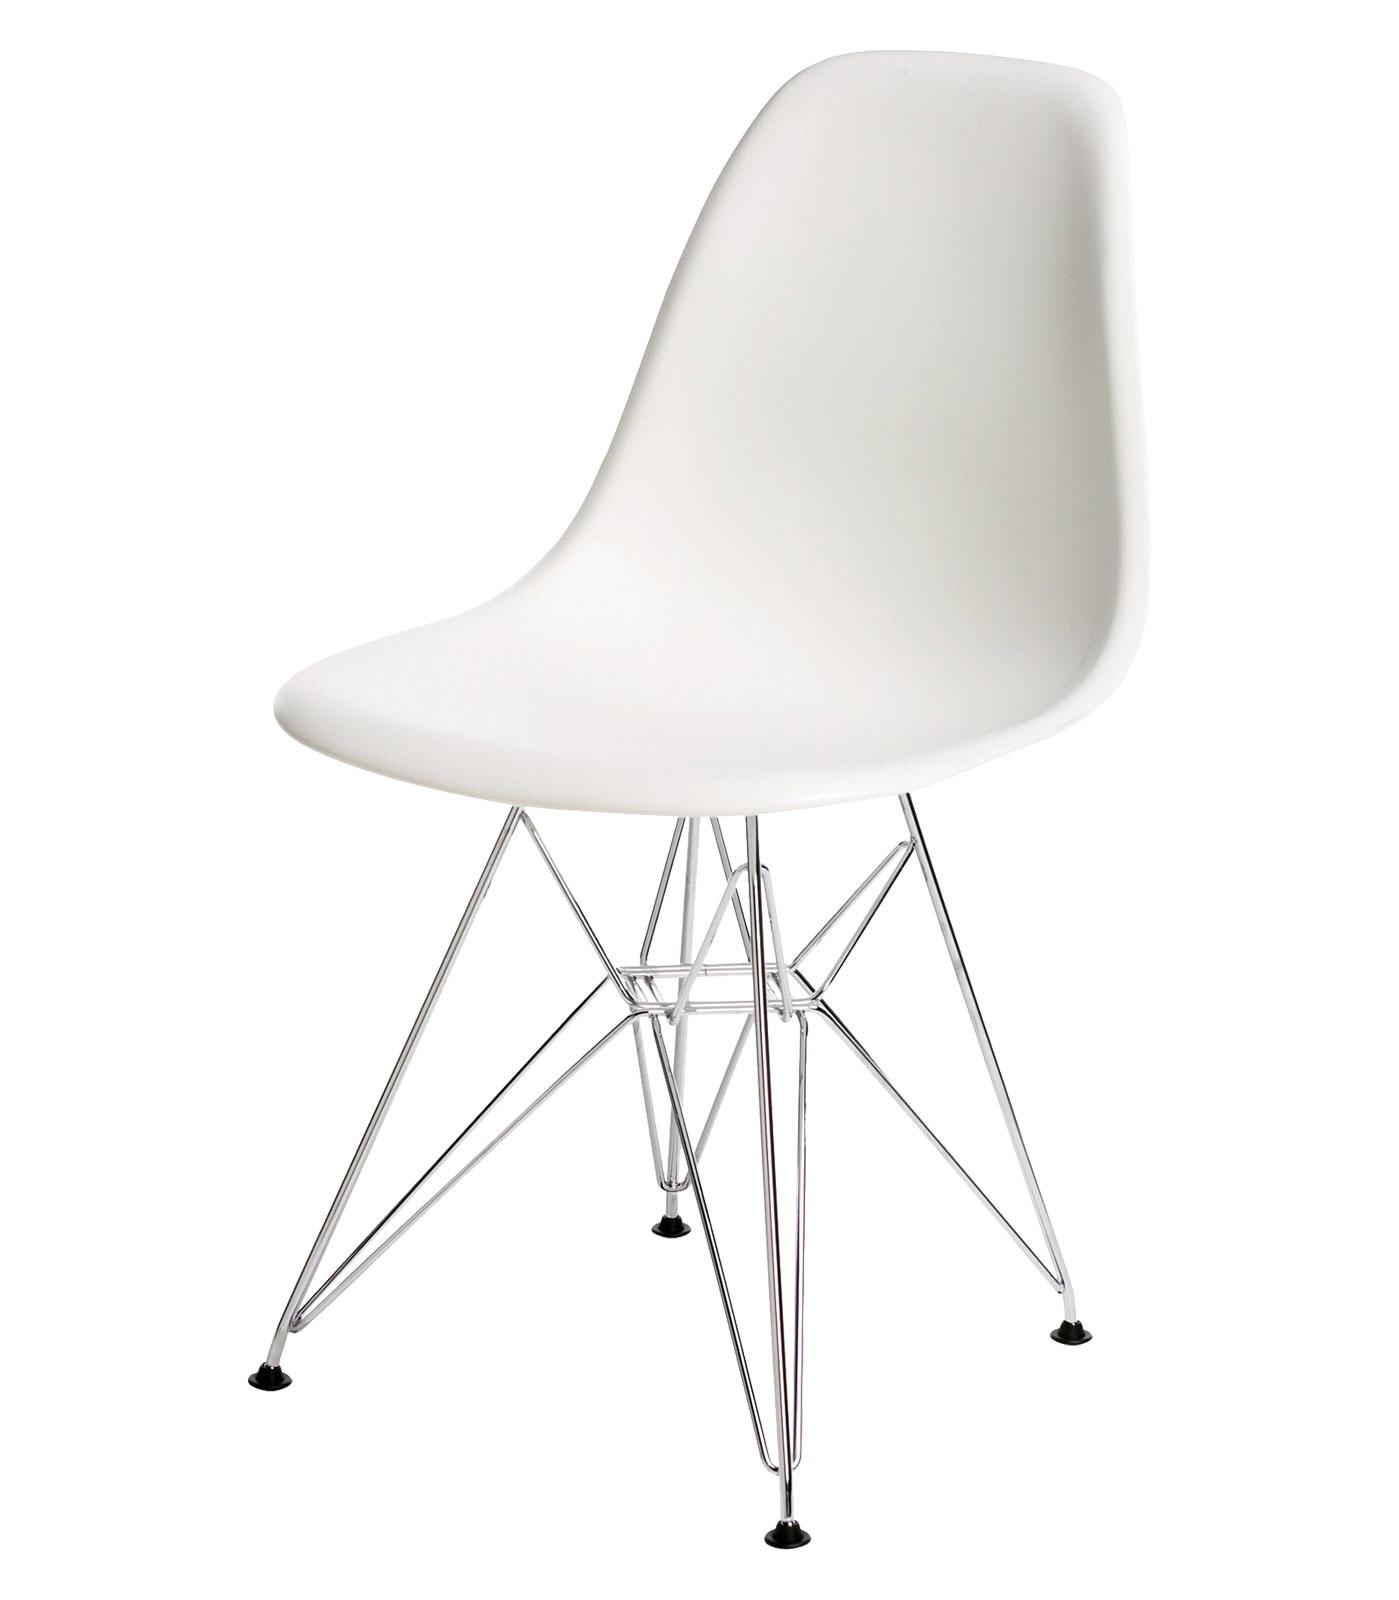 woher bekomme ich designer m bel replicas g nstig design. Black Bedroom Furniture Sets. Home Design Ideas